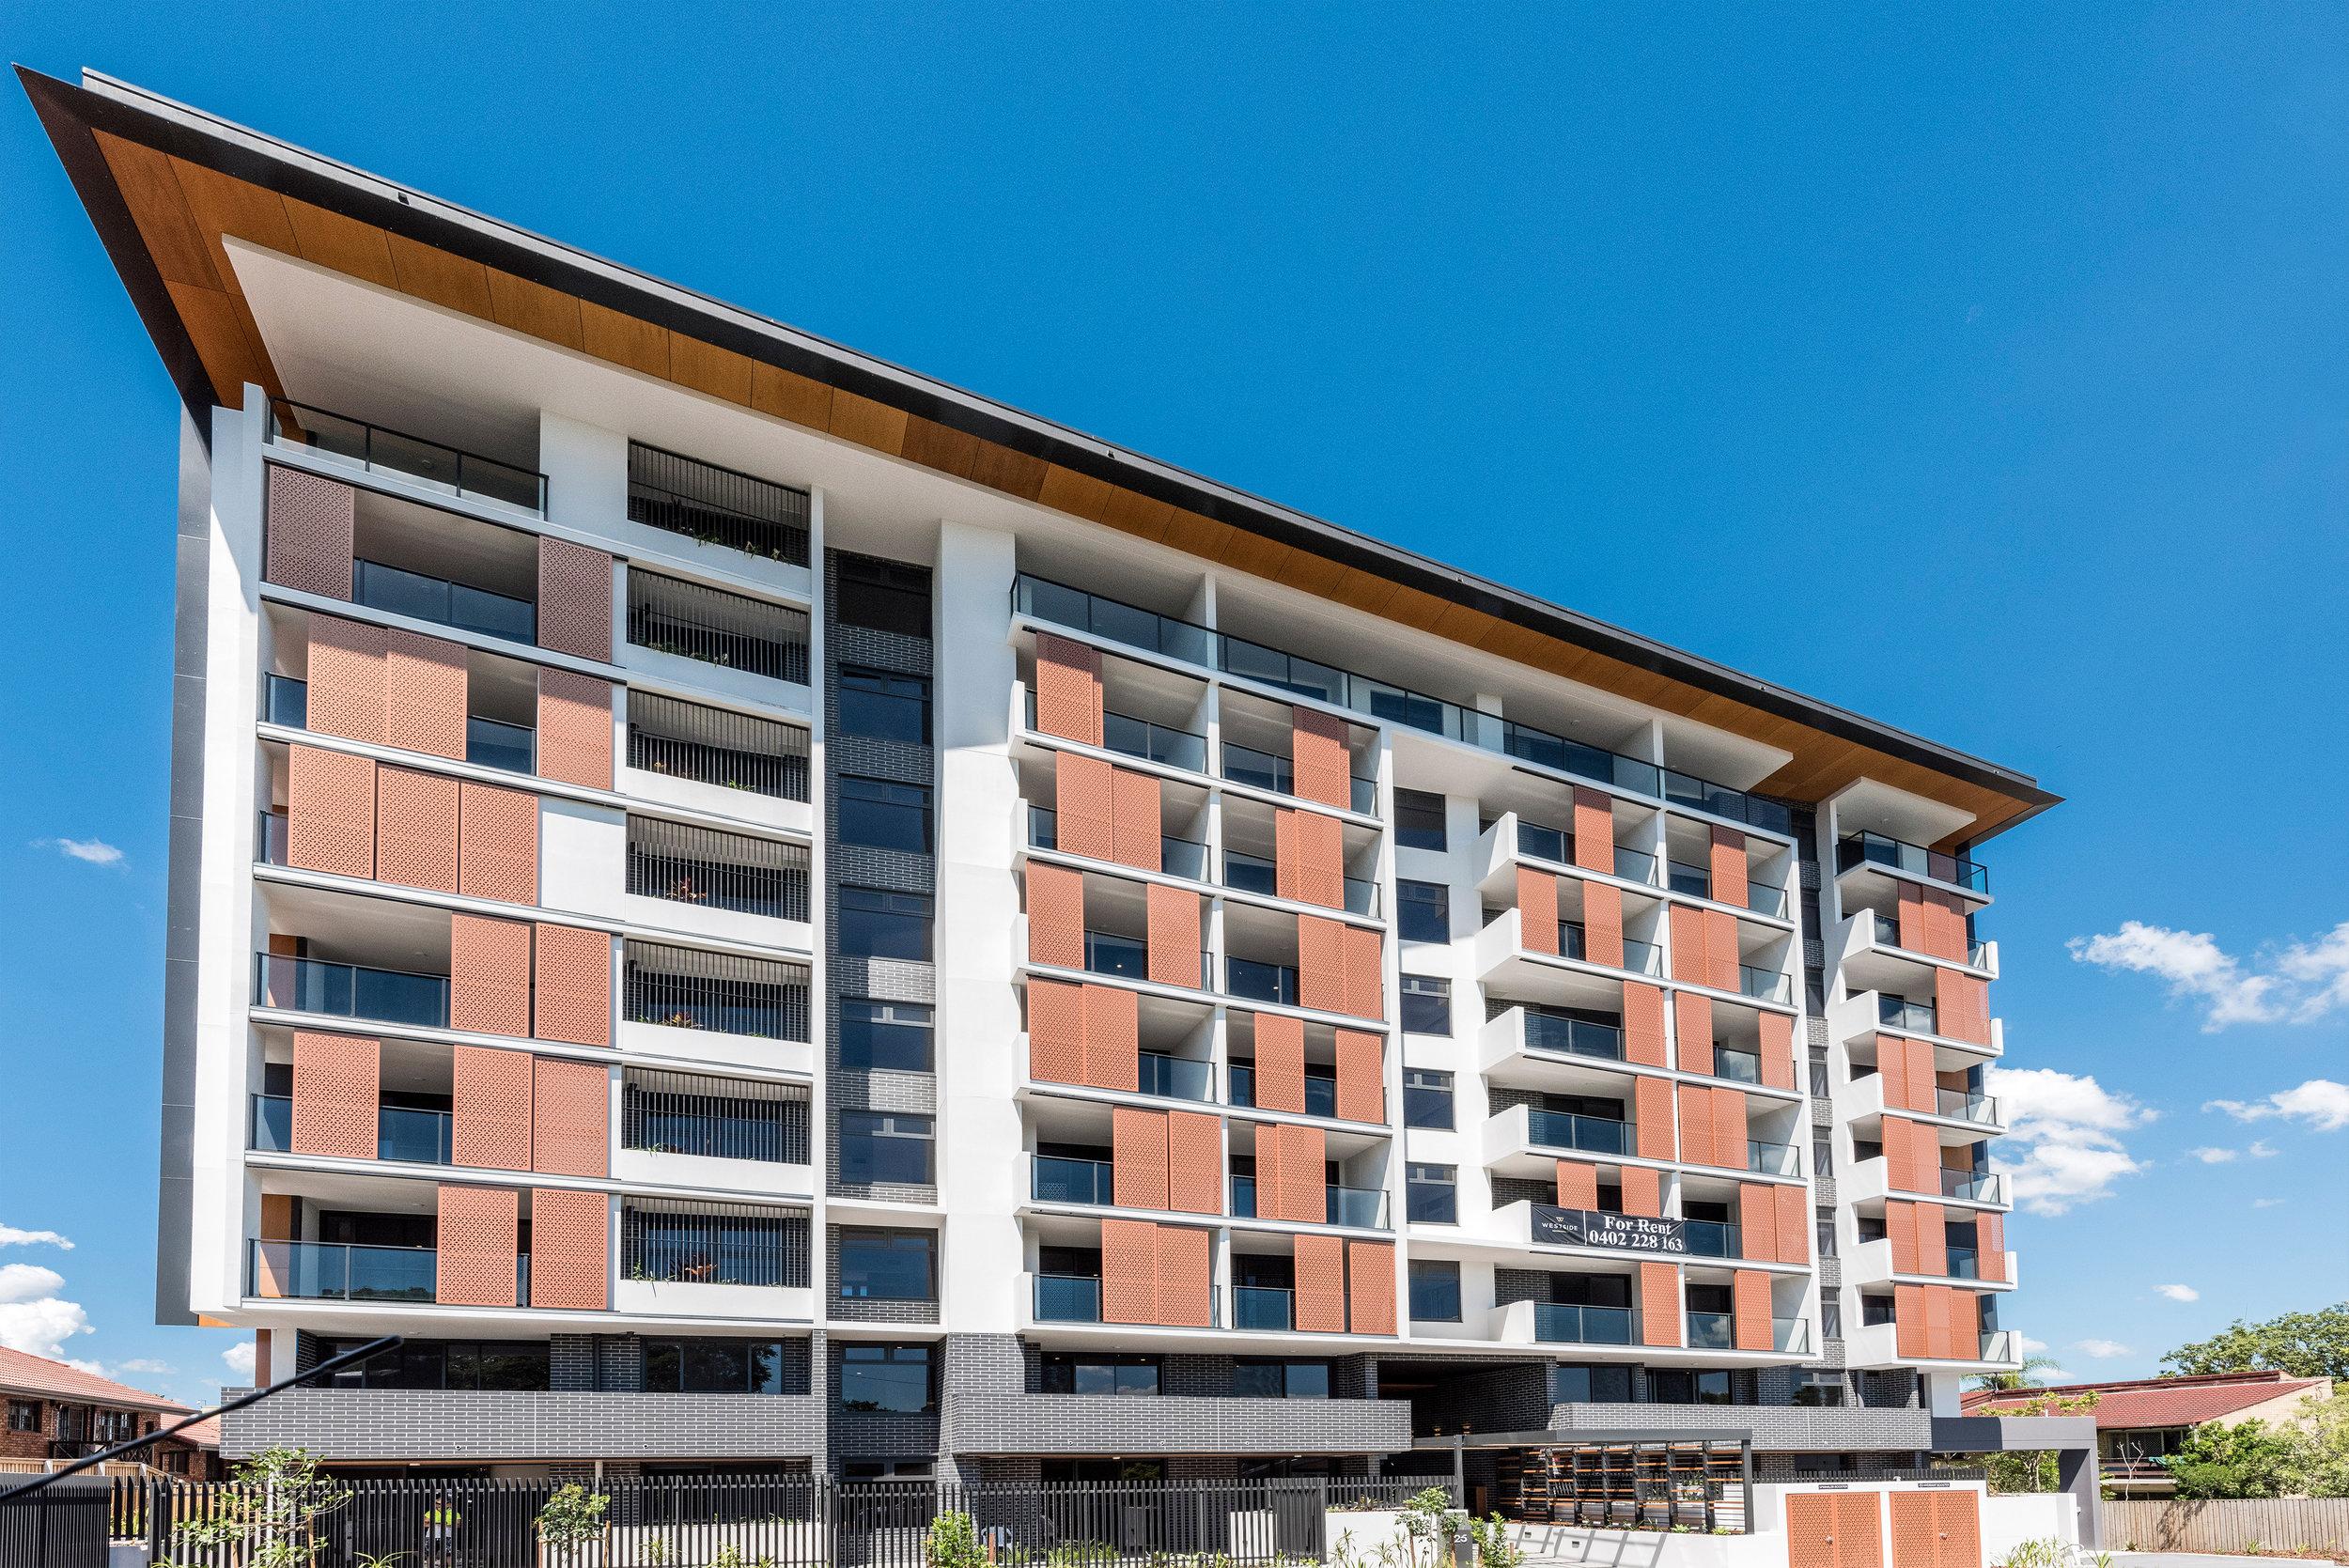 Westside Residential Apartments_04.jpg